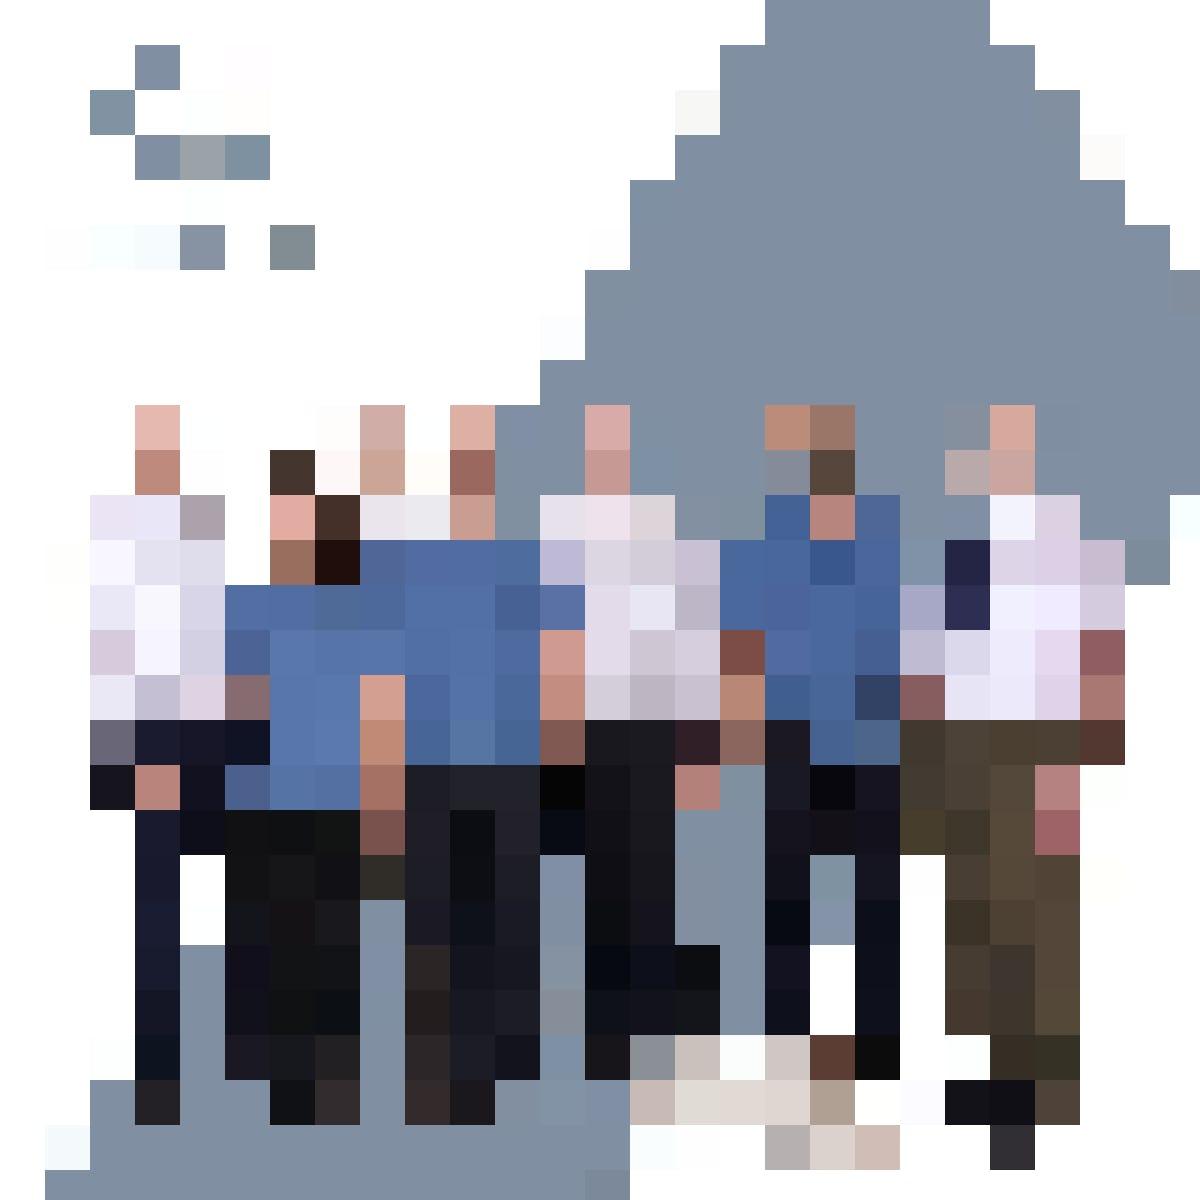 Beim YOUSEEZÜRI-Team bist du in besten Händen. (v.l.n.r.: Dr. Theo G. Seiler, Chiara Brülhart, Dr. Isaak Fischinger, Andreas Sikau, Dr. Tobias Koller, Benjamin Isler, Prof. Dr. Dr. Theo Seiler und Hera)